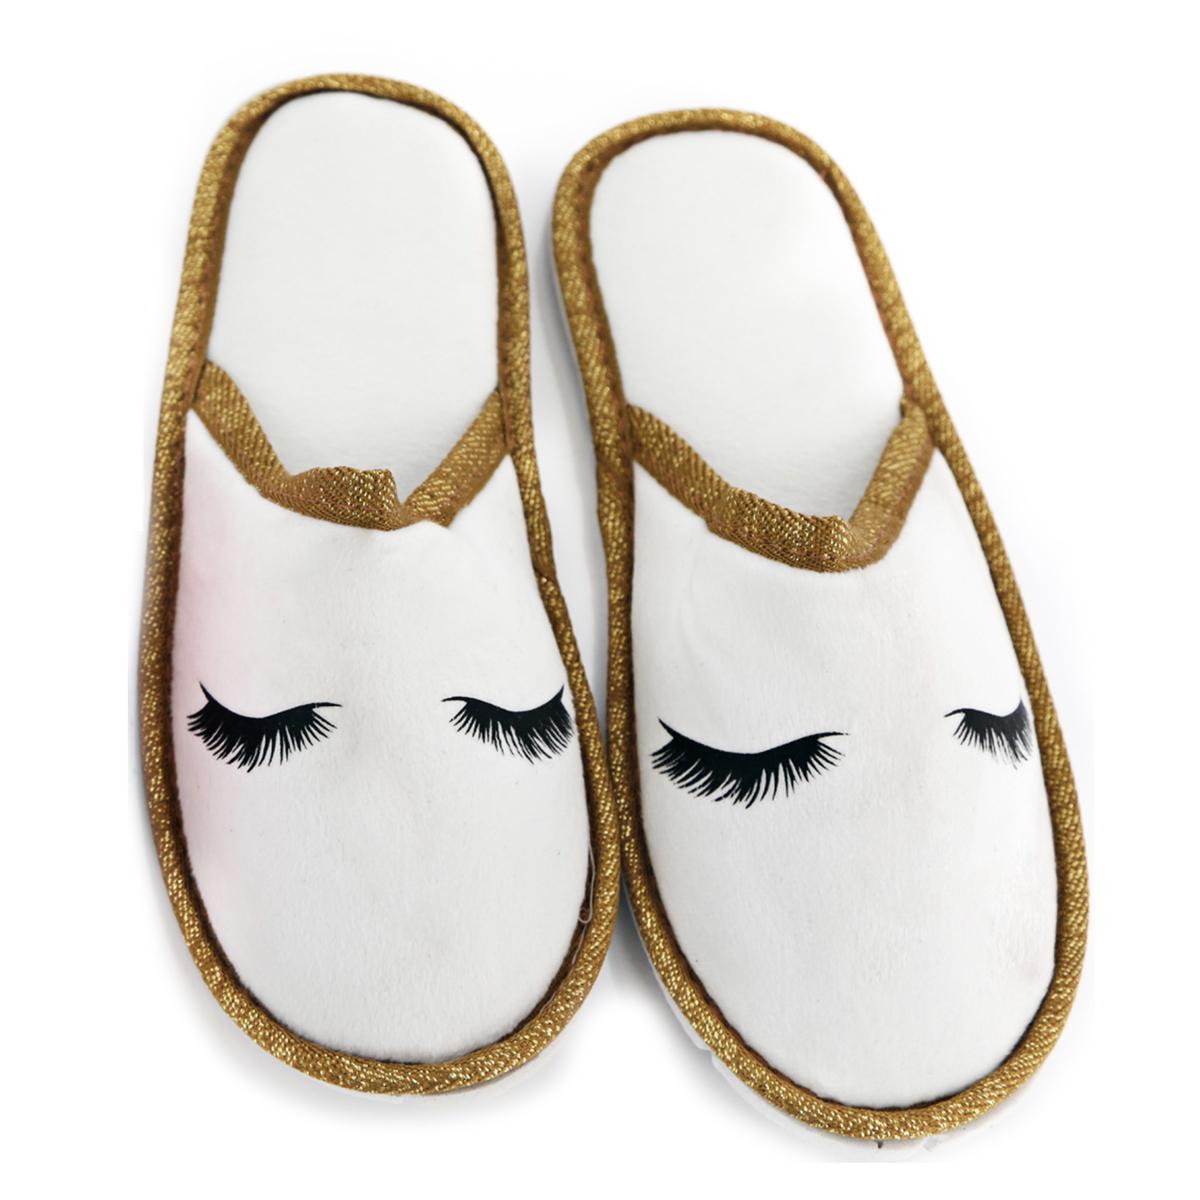 Chausson pantoufles \'Diva - Yeux Endormis\' blanc - taille M (38/41) - [A0049]